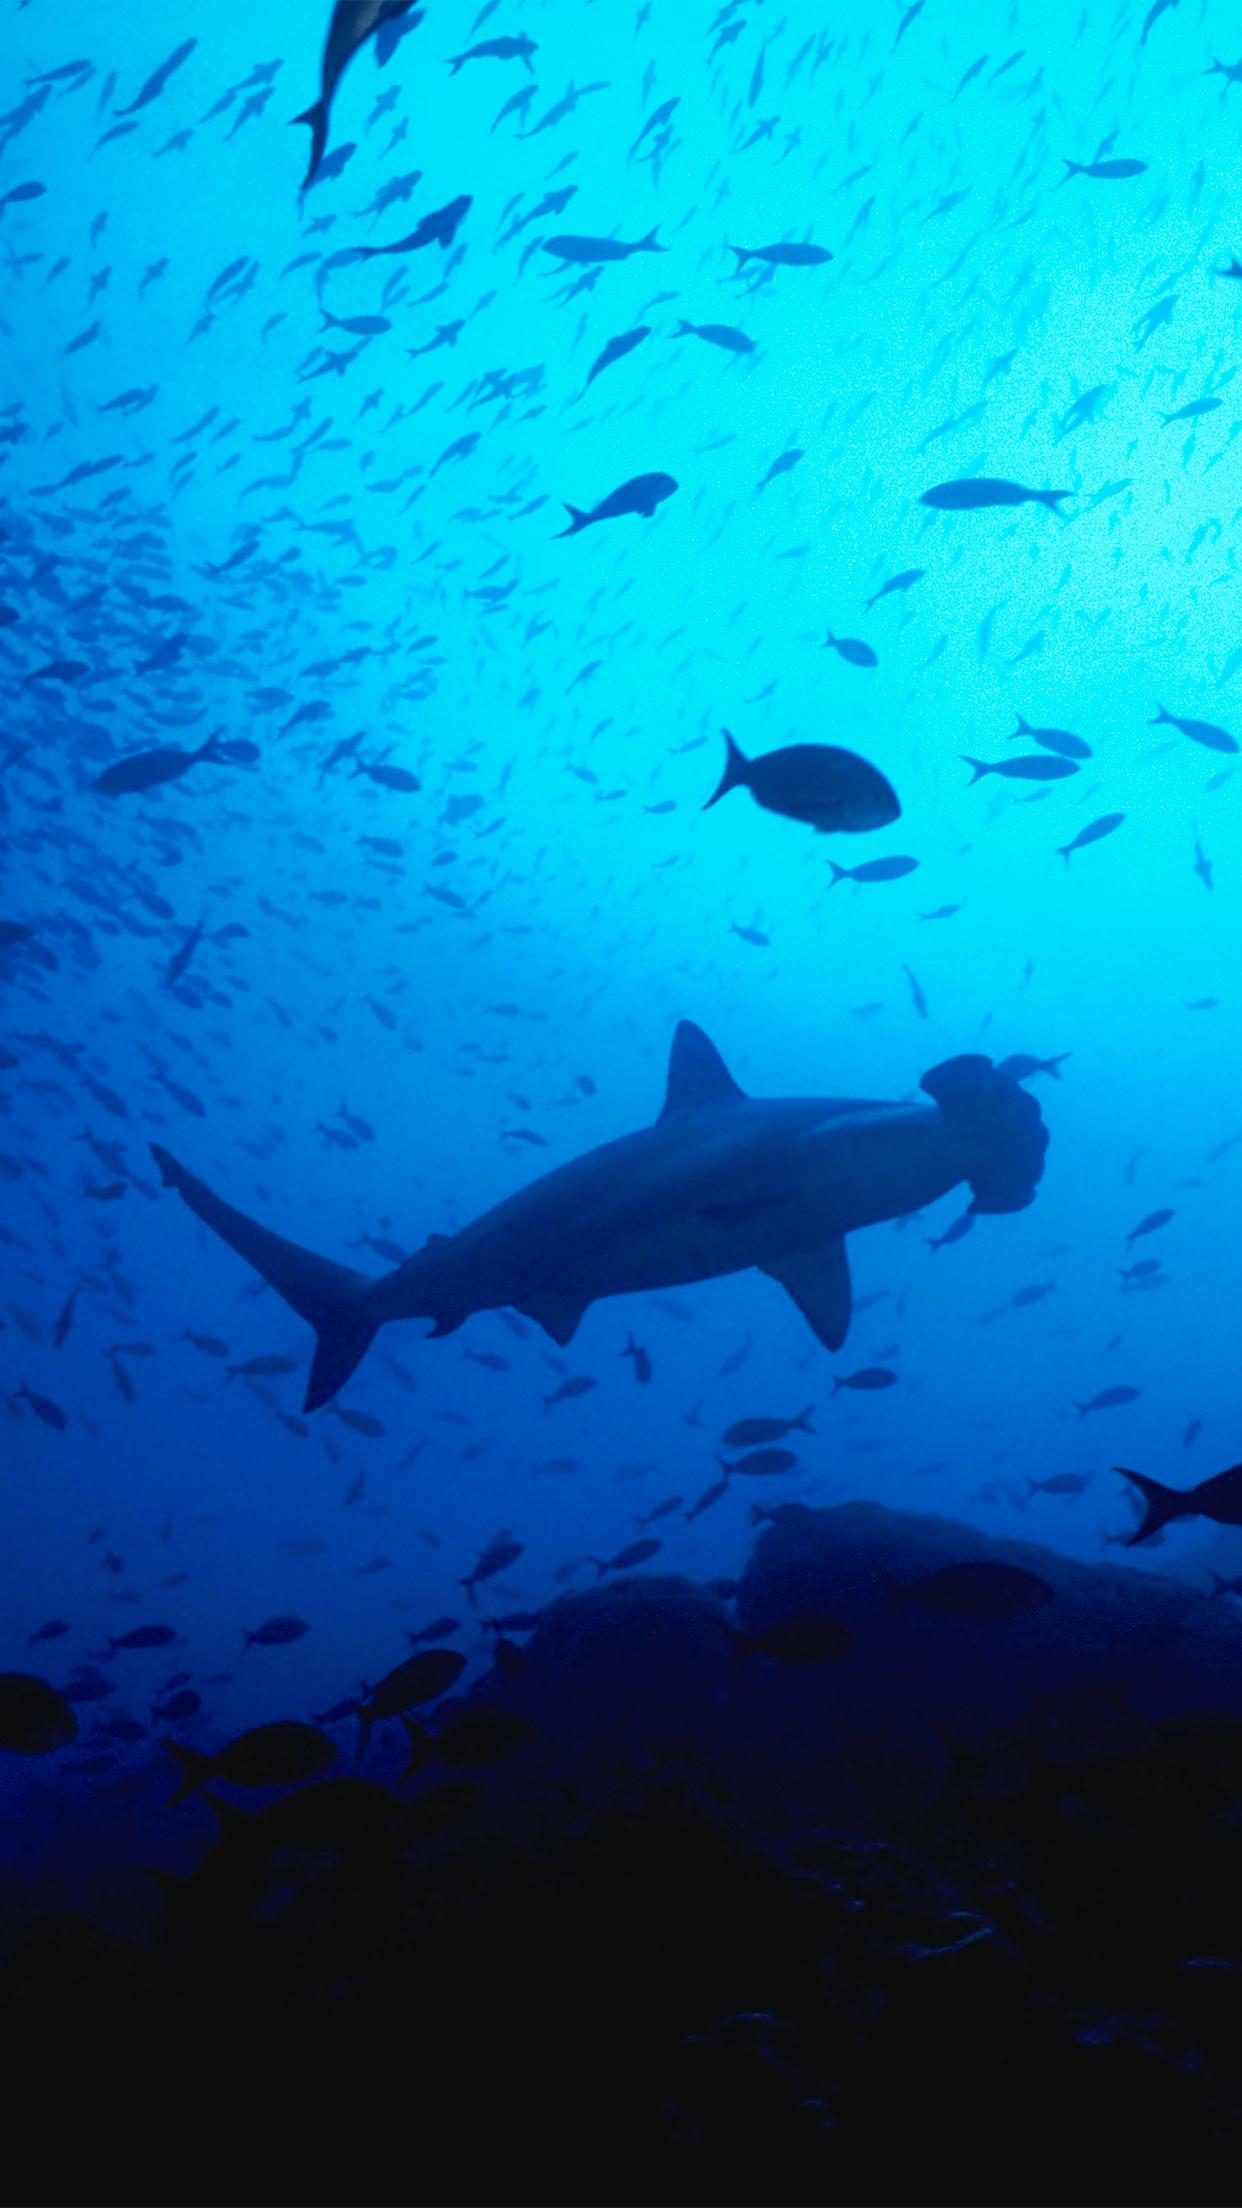 Wallpaper HD iPhone X 8 7 6 Shark Ocean Fish Free Download